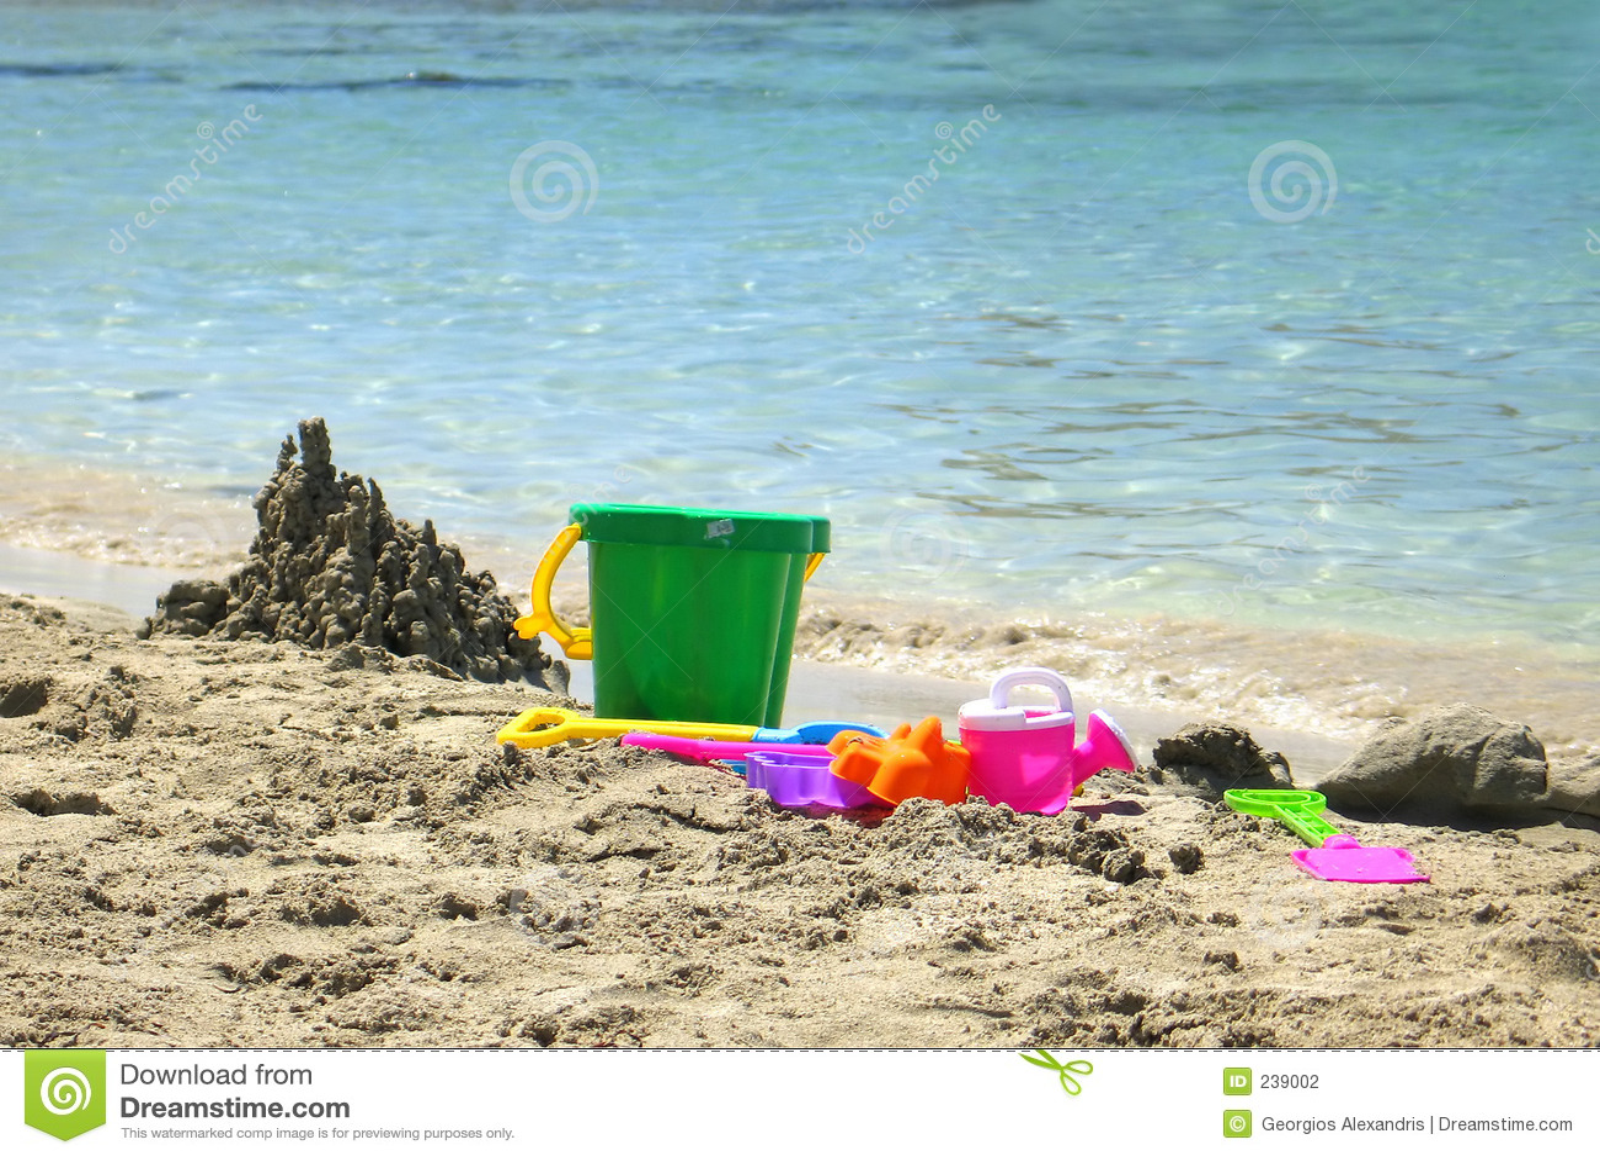 jeux sur la plage photographie stock image 239002. Black Bedroom Furniture Sets. Home Design Ideas